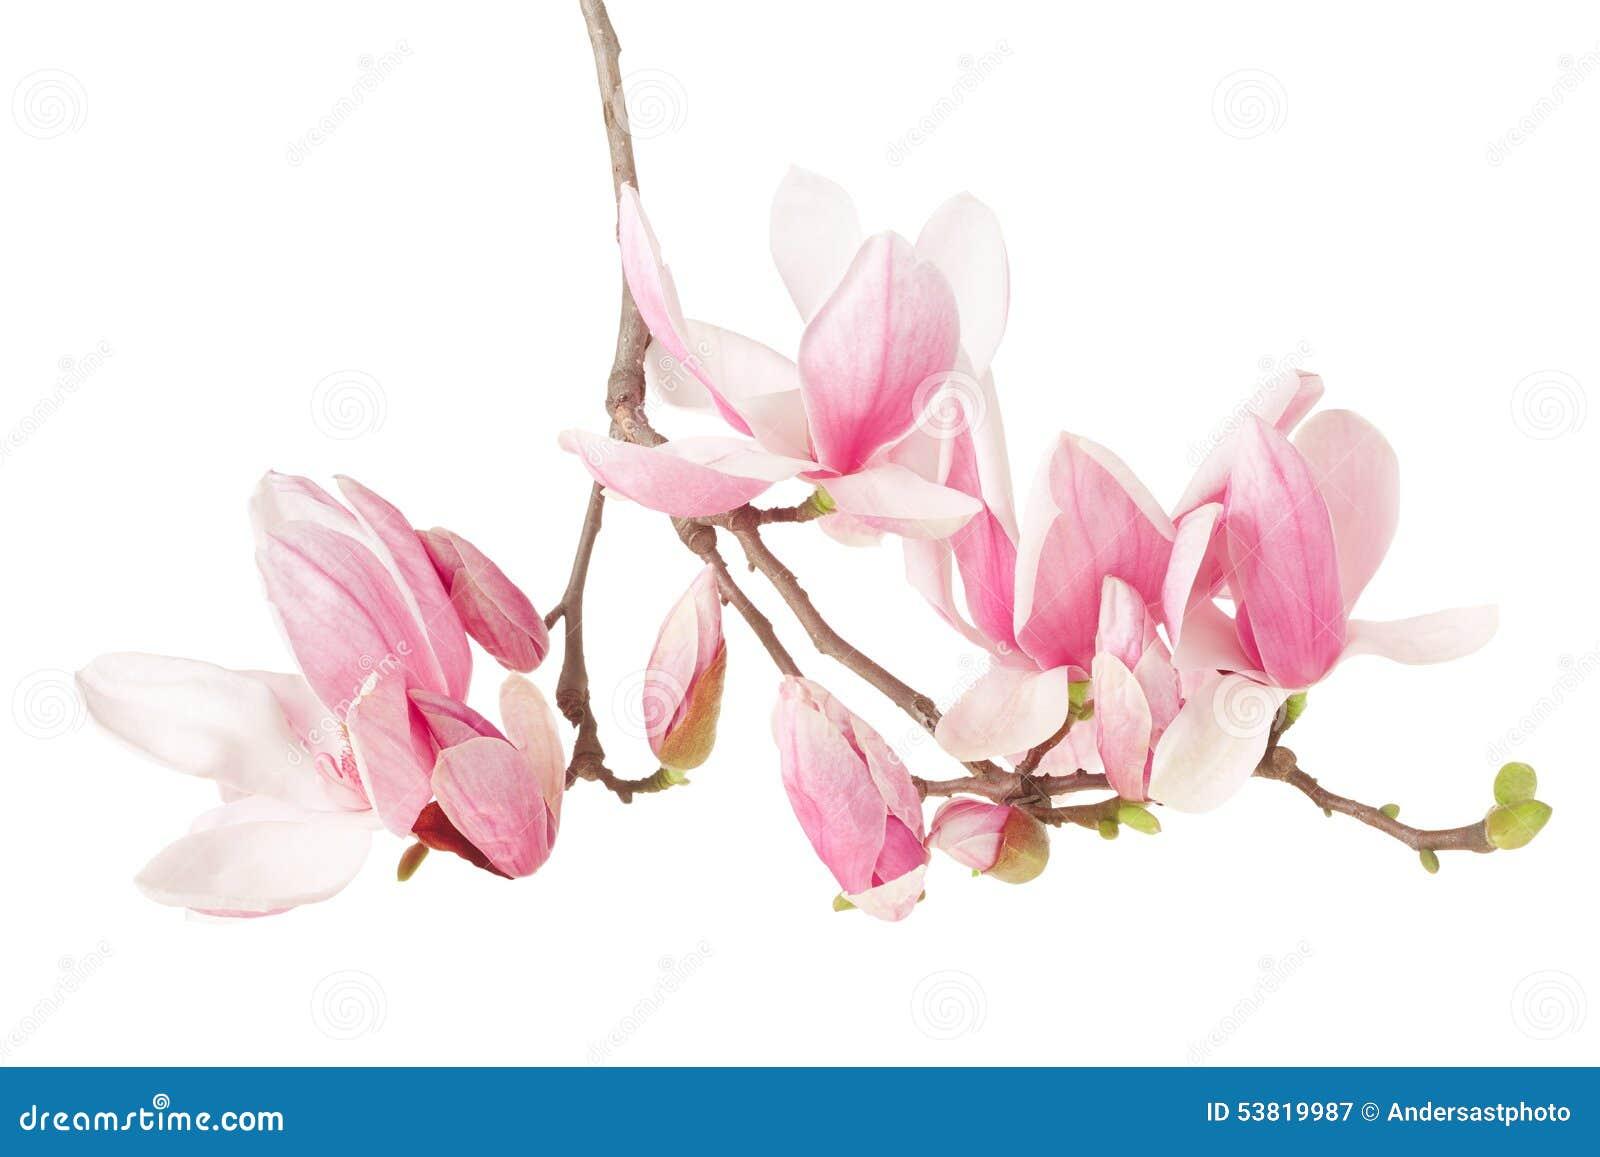 Magnolia ramo del fiore della molla fotografia stock for Magnolia pianta prezzi